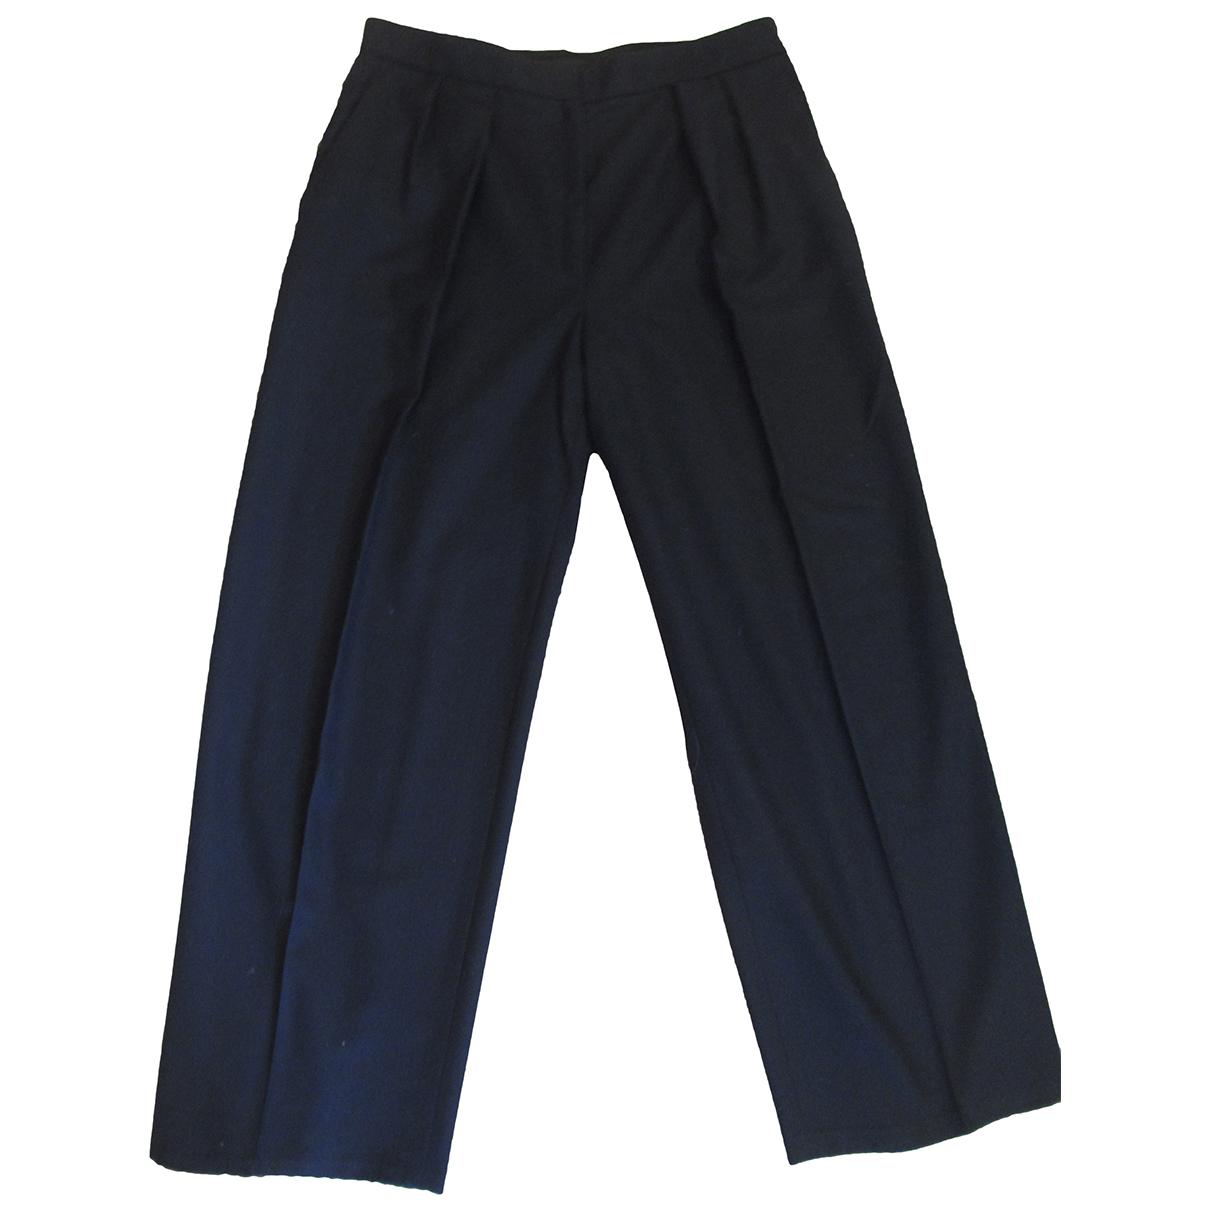 Pantalon recto de Lana The Row